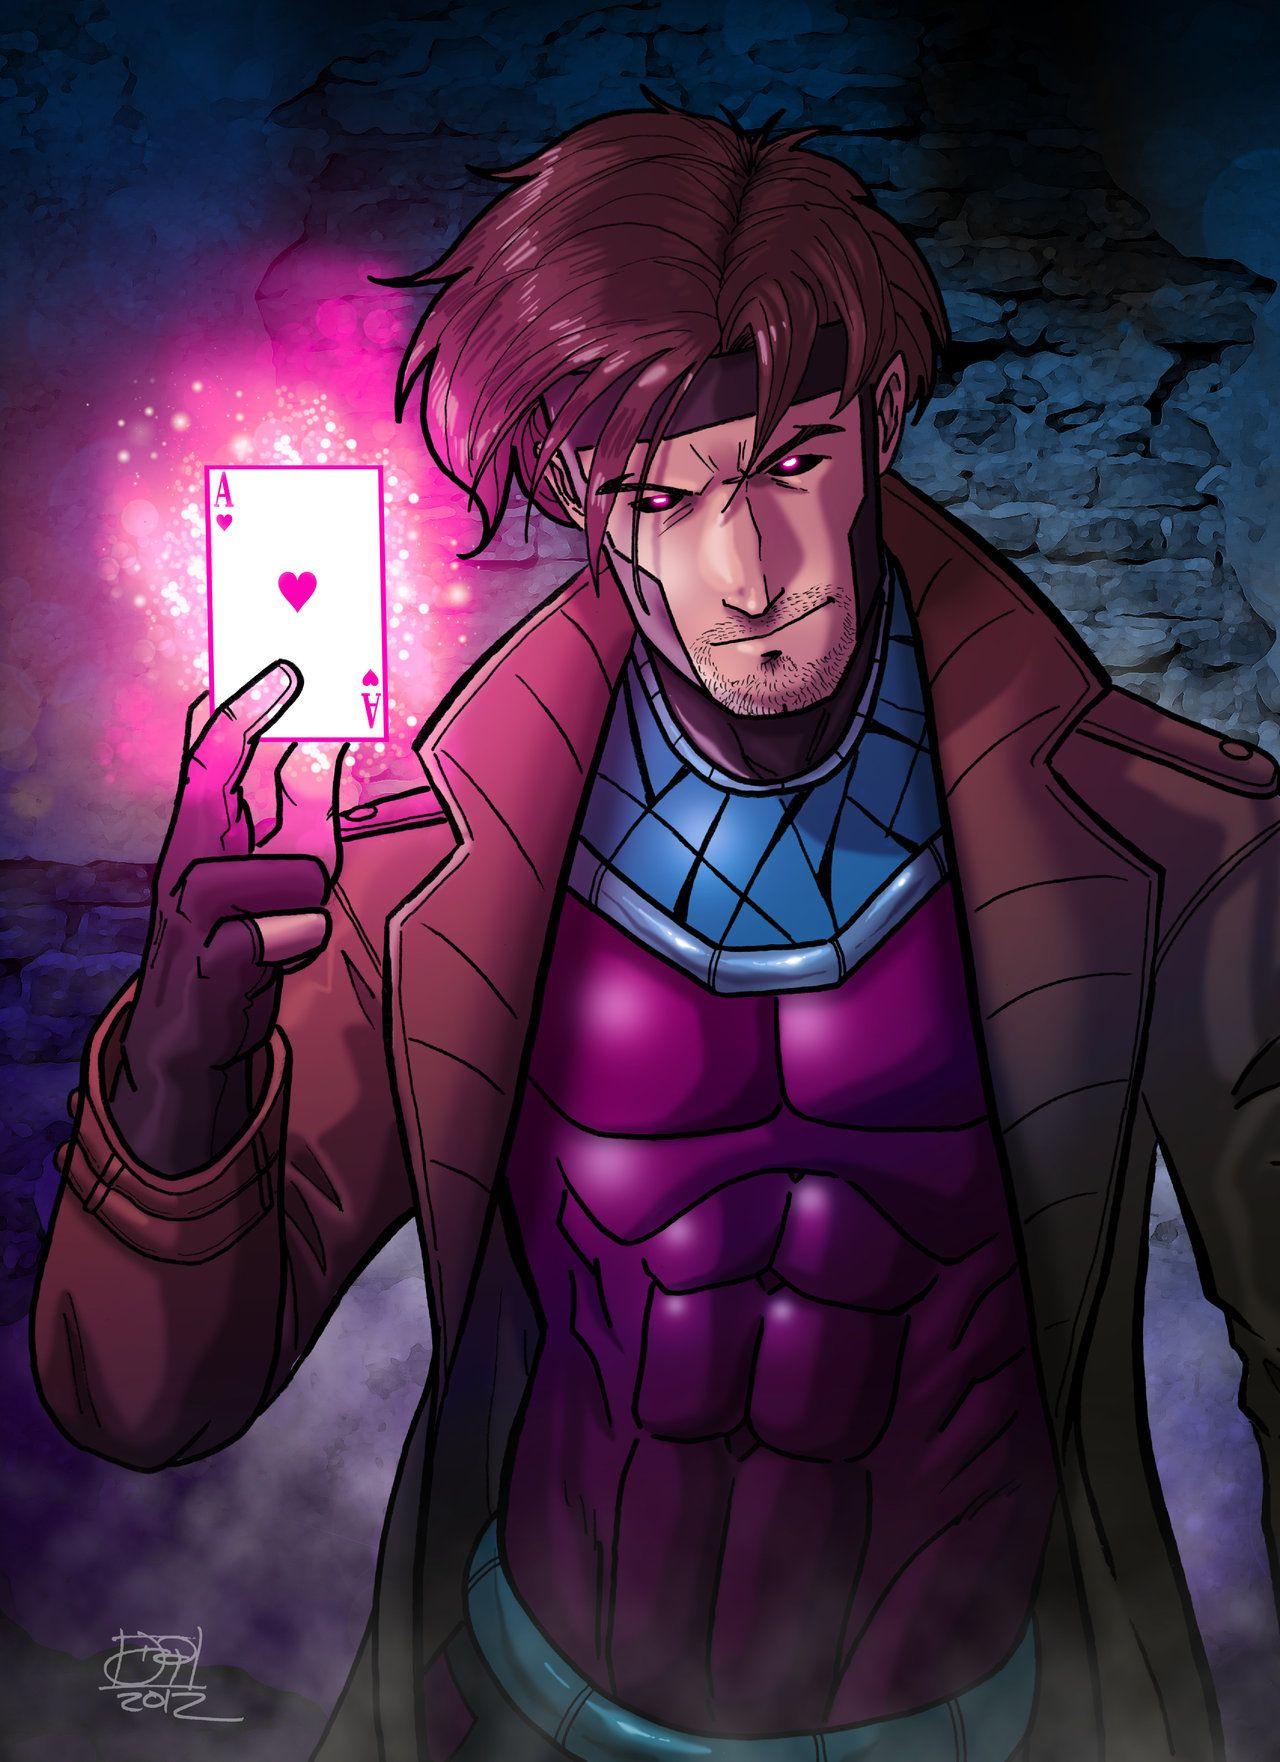 Hentai vampira e gambit nackt video